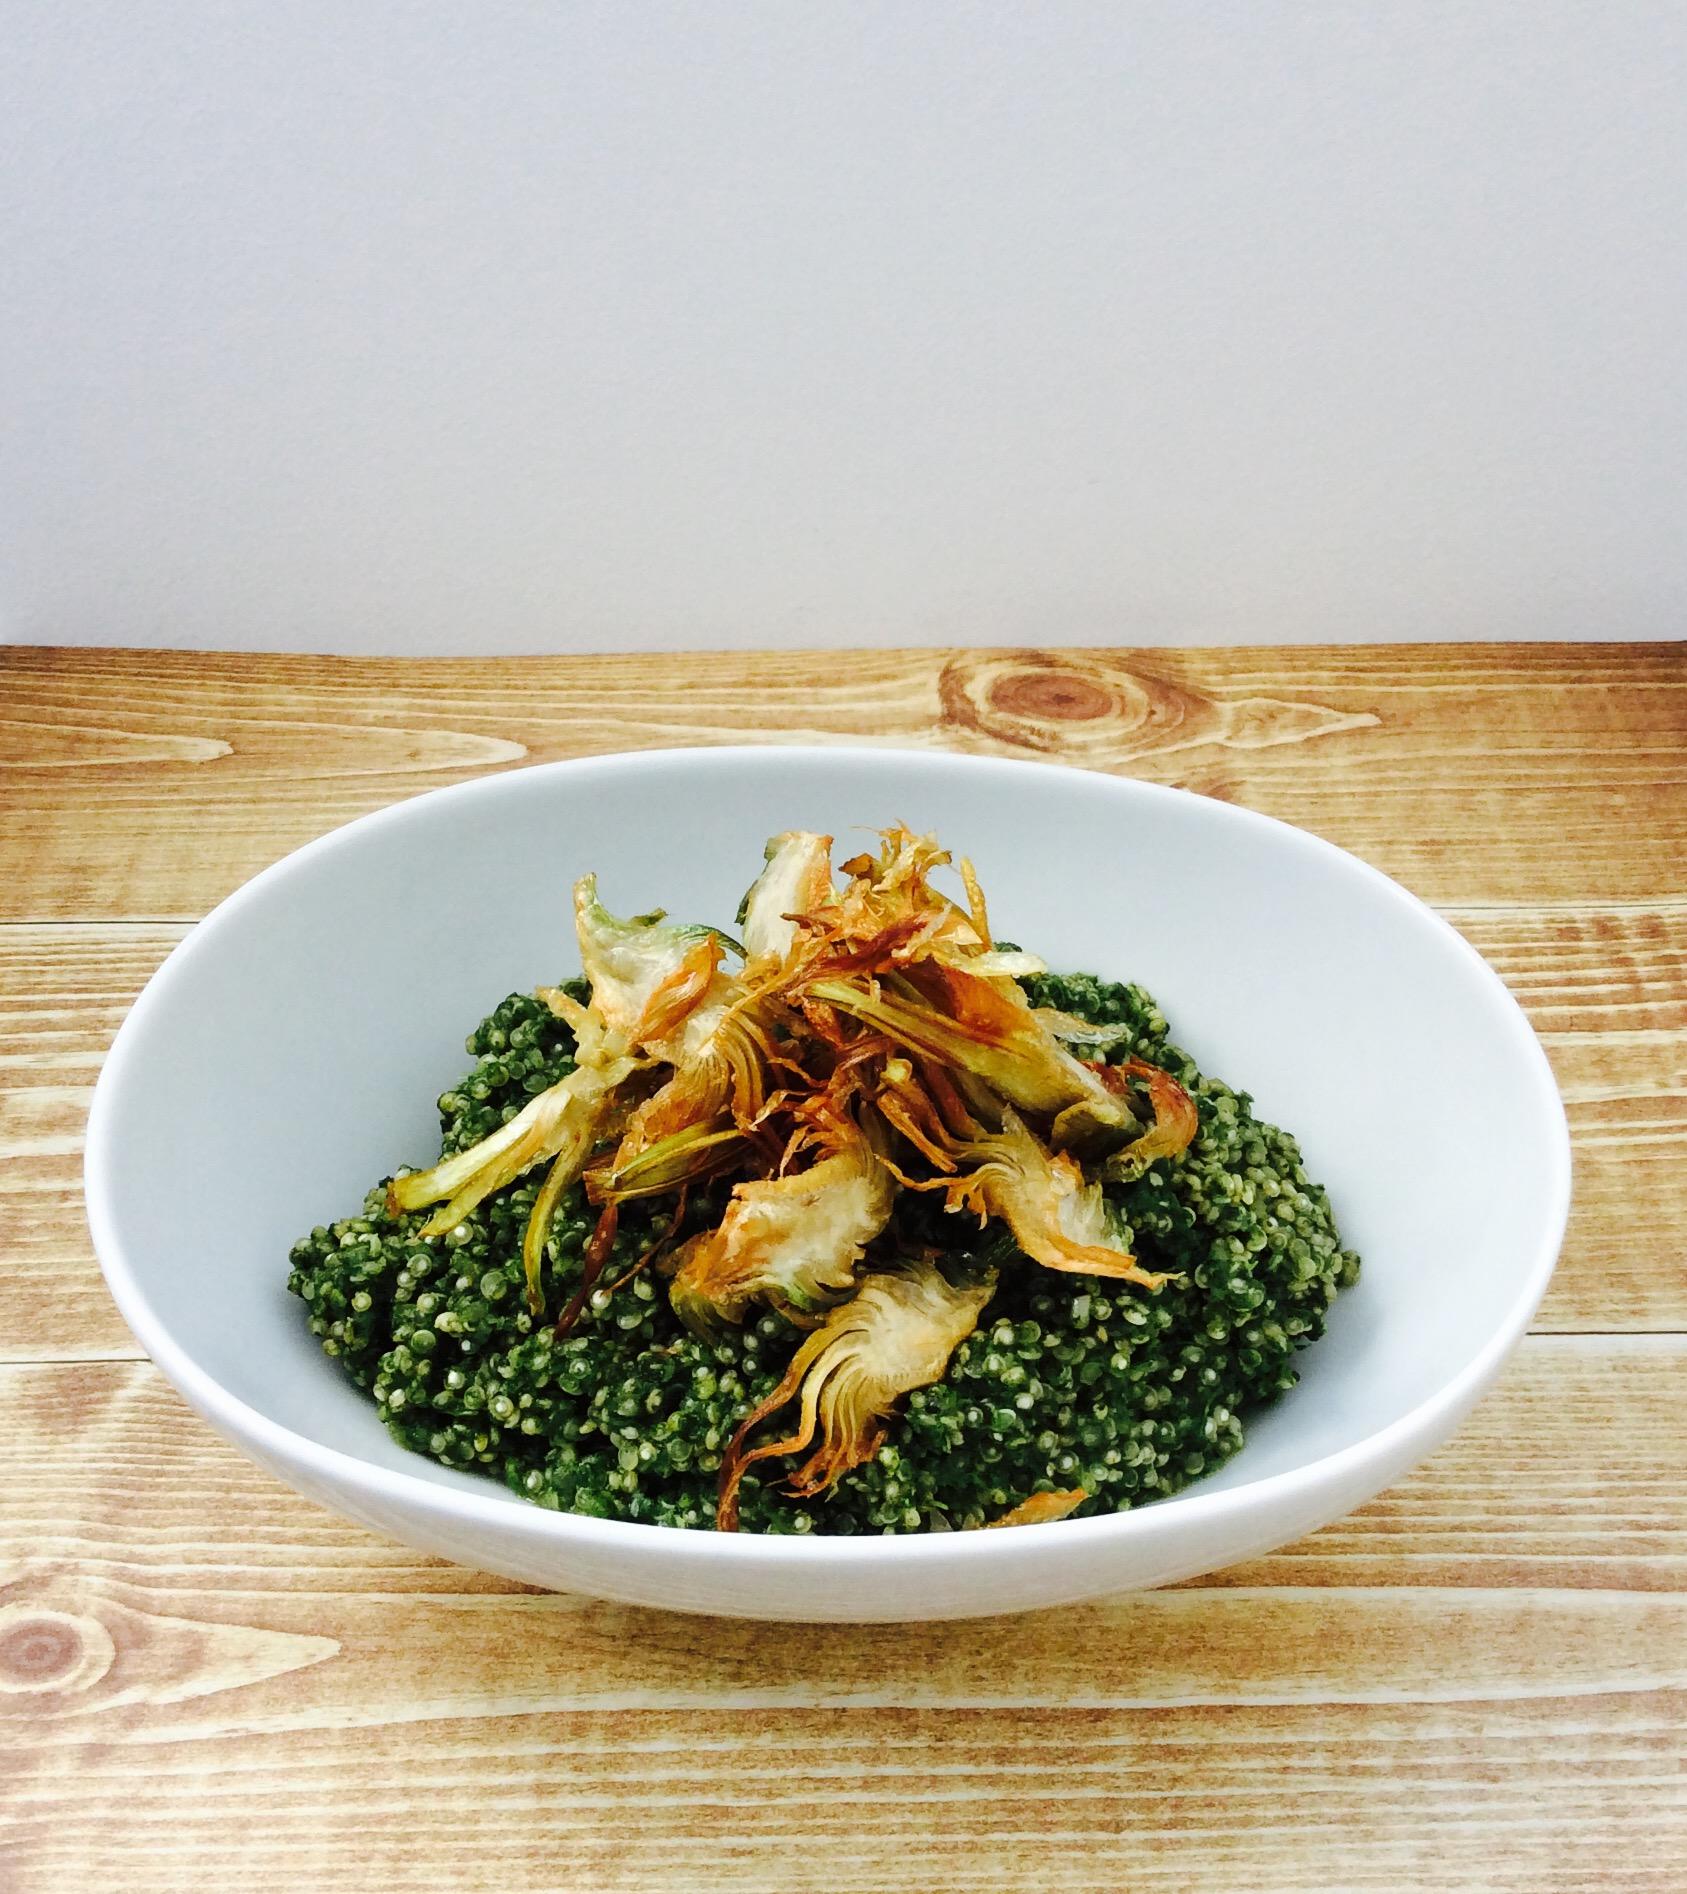 receta-quinoa-espinaca-gorgonzola-alcachofa-ido-1